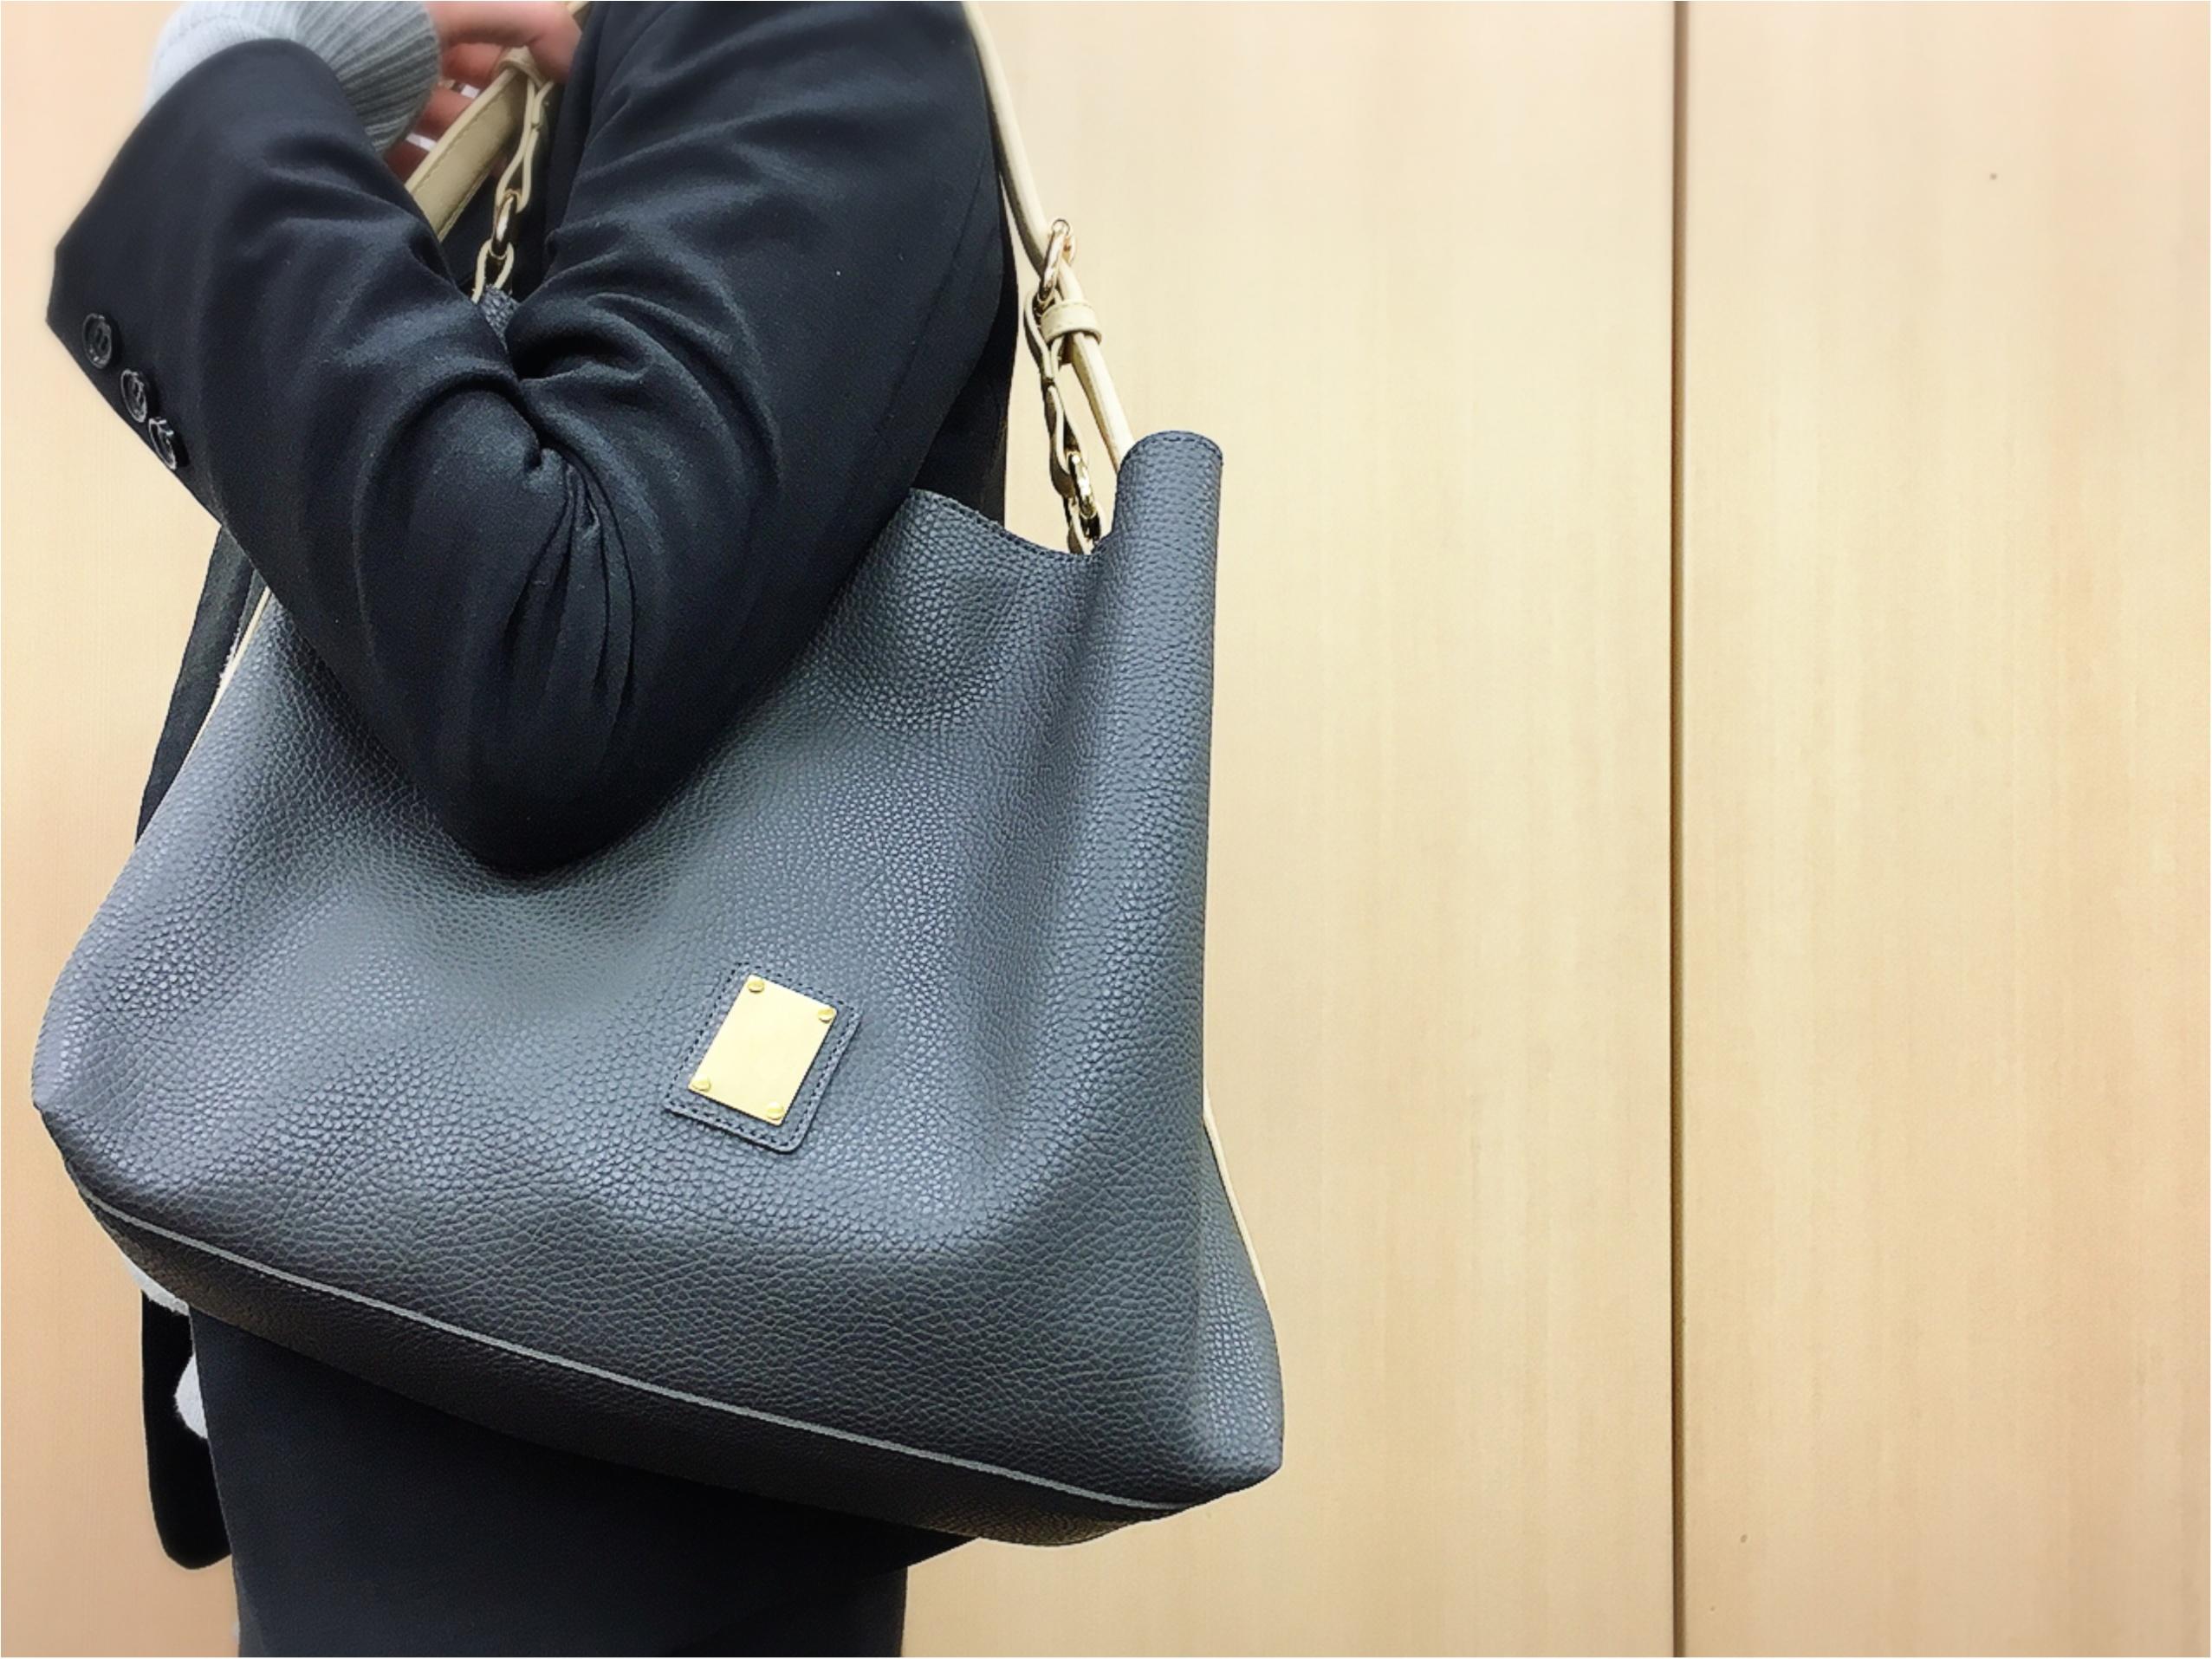 お仕事バッグはワンハンドルがひそかに流行中!?_5